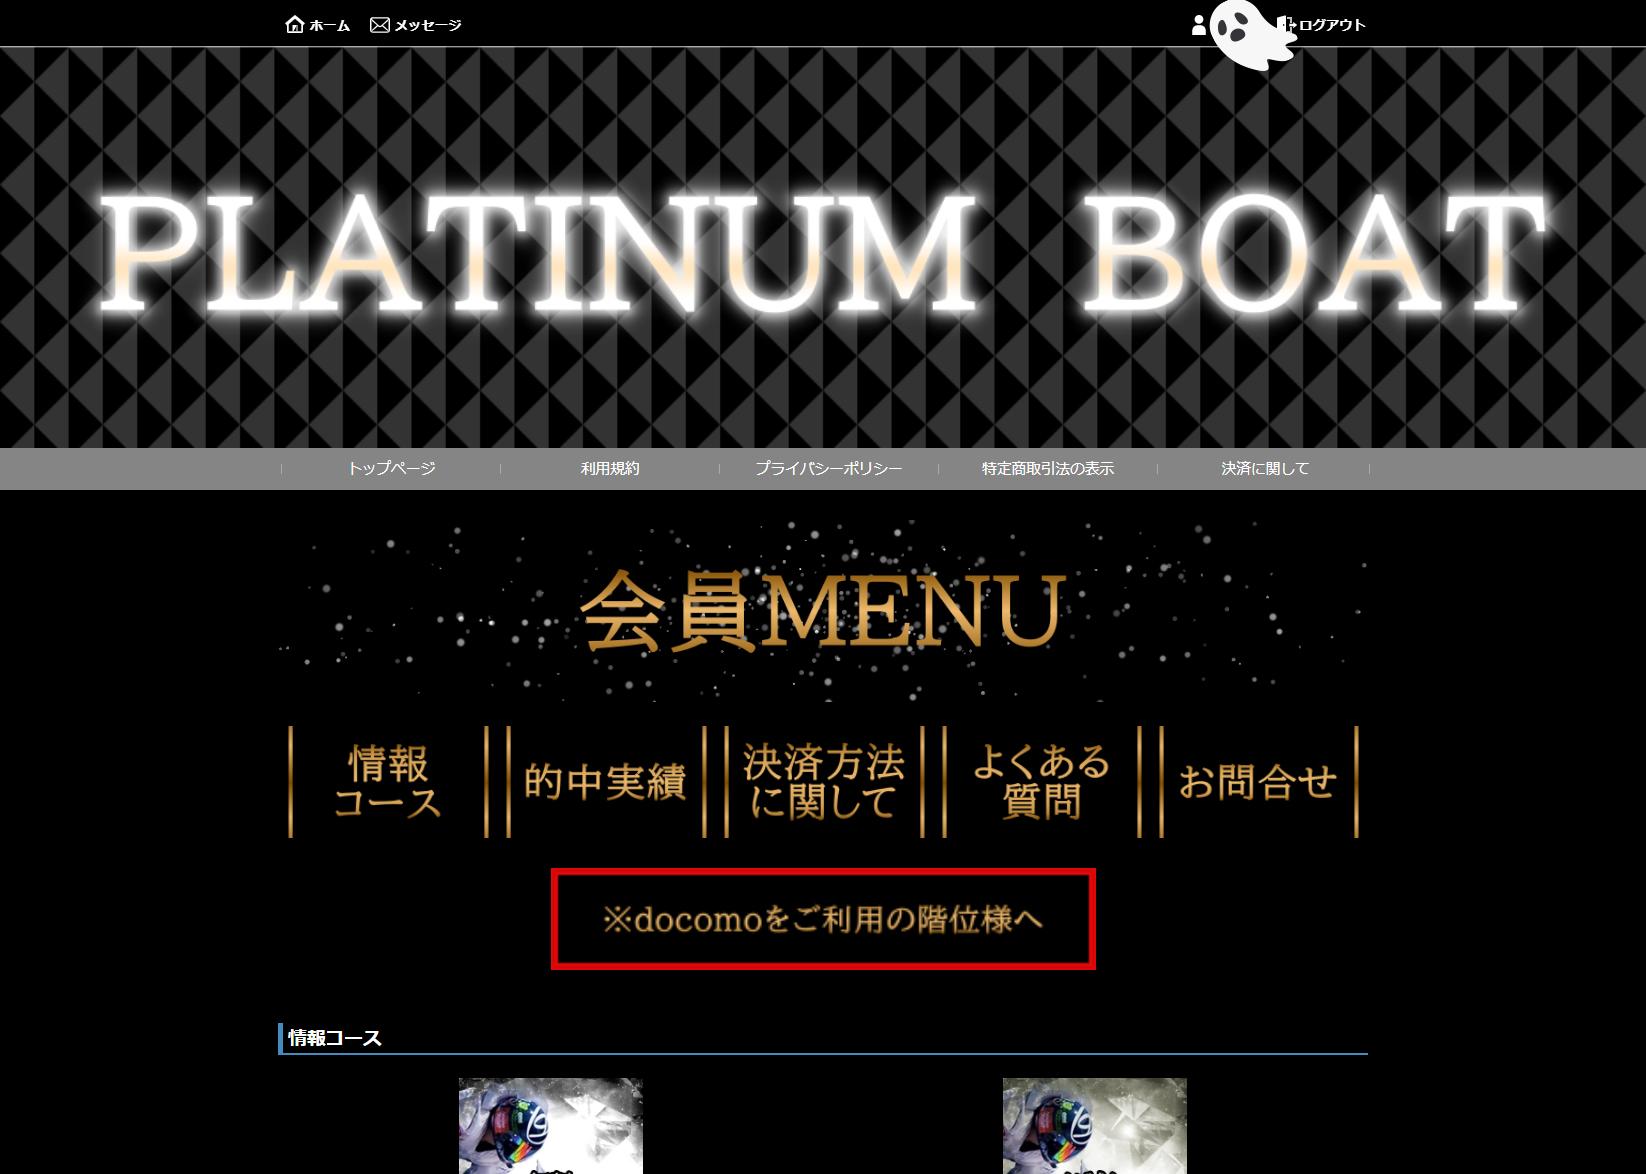 悪徳競艇予想サイト PLATINUM BOAT(プラチナムボート) 口コミ検証や無料情報の予想結果も公開中 トップがダサい